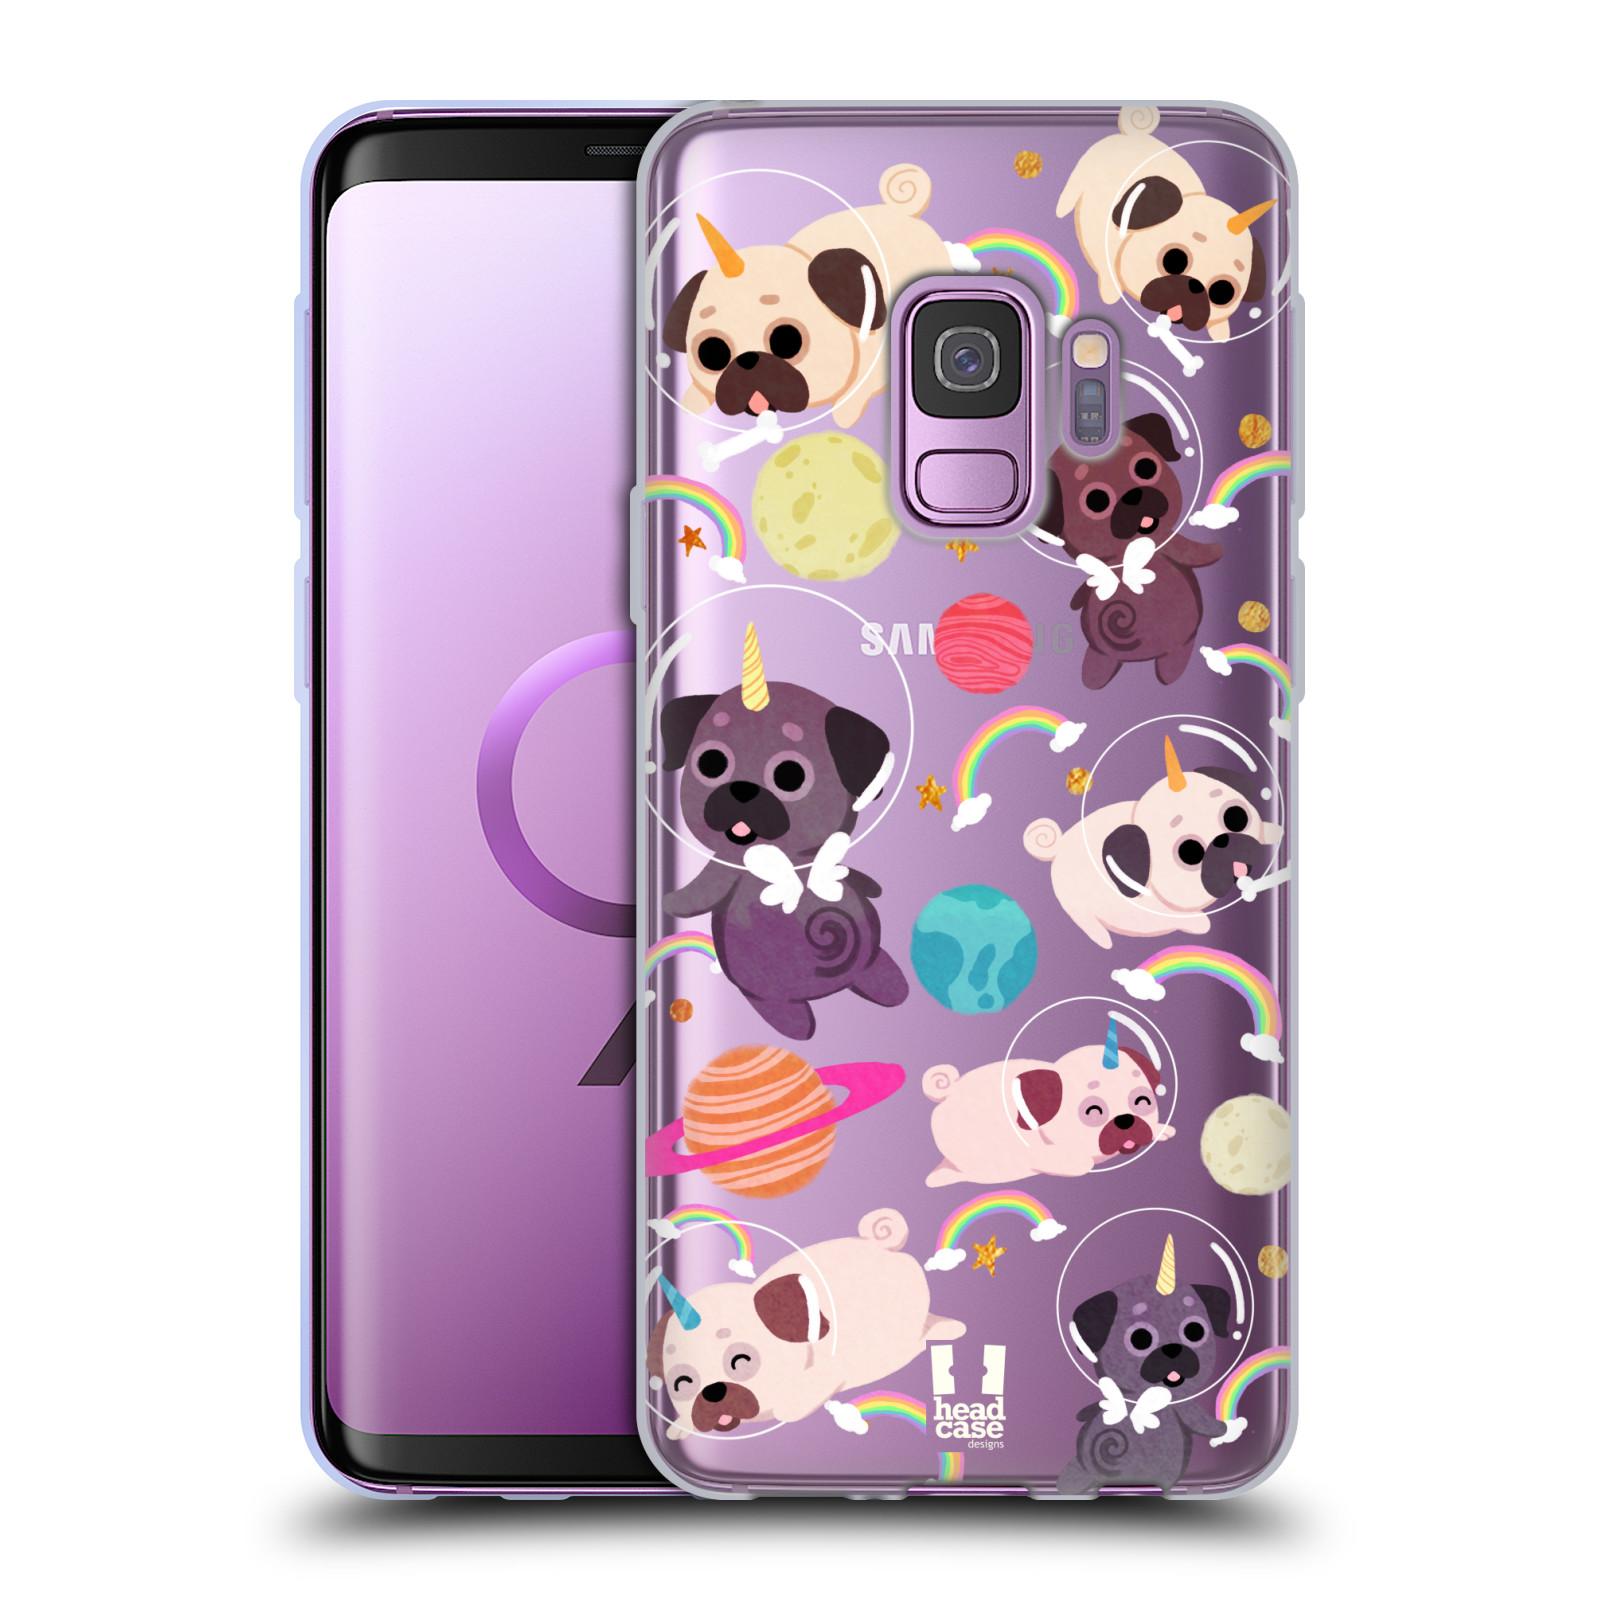 Funda-HEAD-CASE-DESIGNS-CON-Gel-Suave-Unicornios-espacio-para-telefonos-Samsung-1